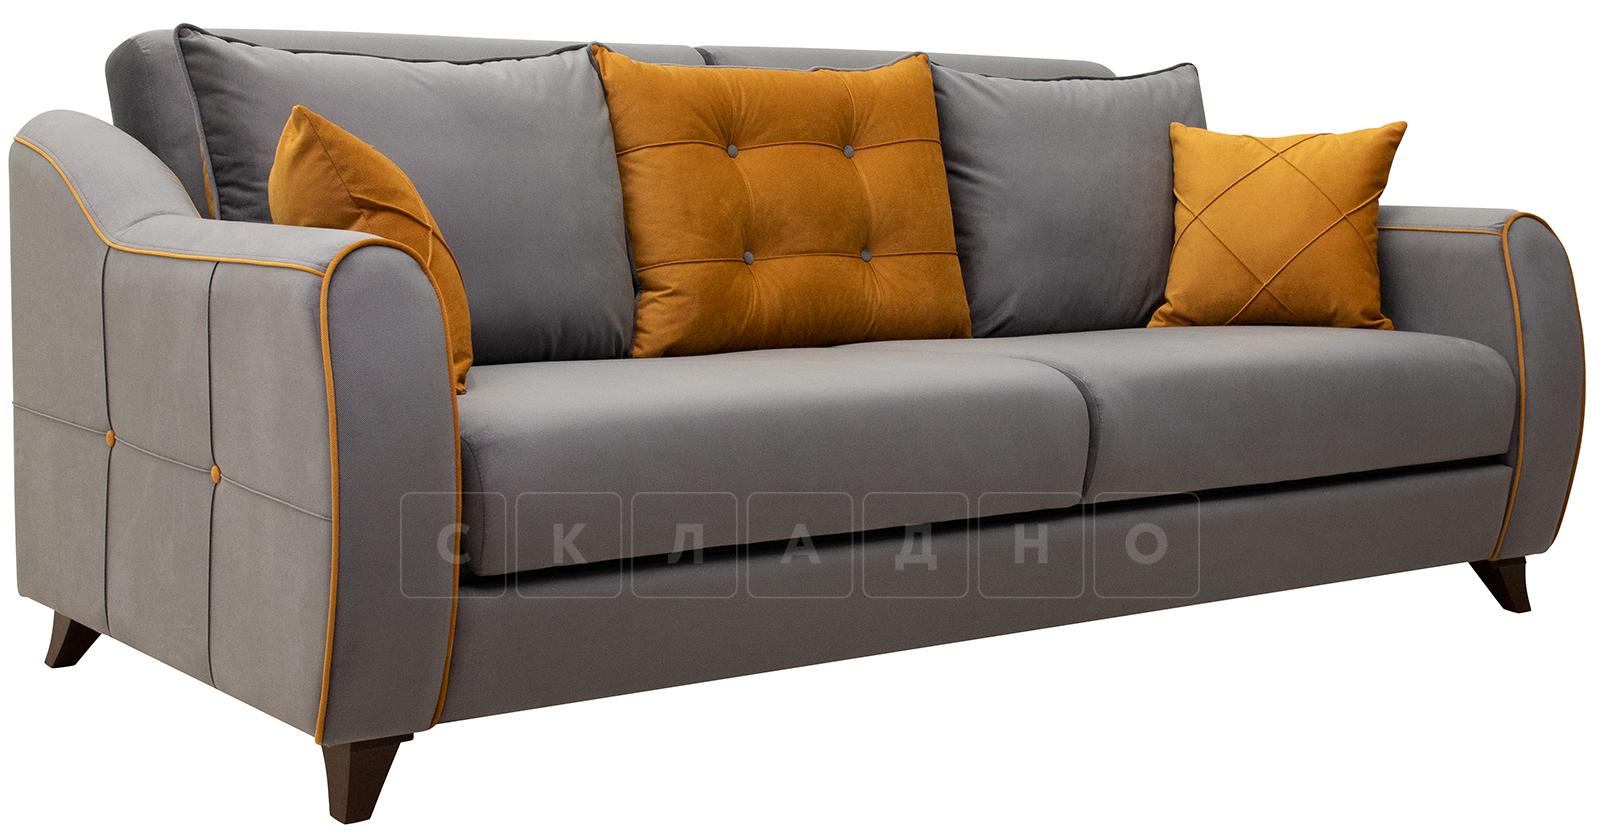 Диван-кровать Флэтфорд кварцевый серый фото 1 | интернет-магазин Складно